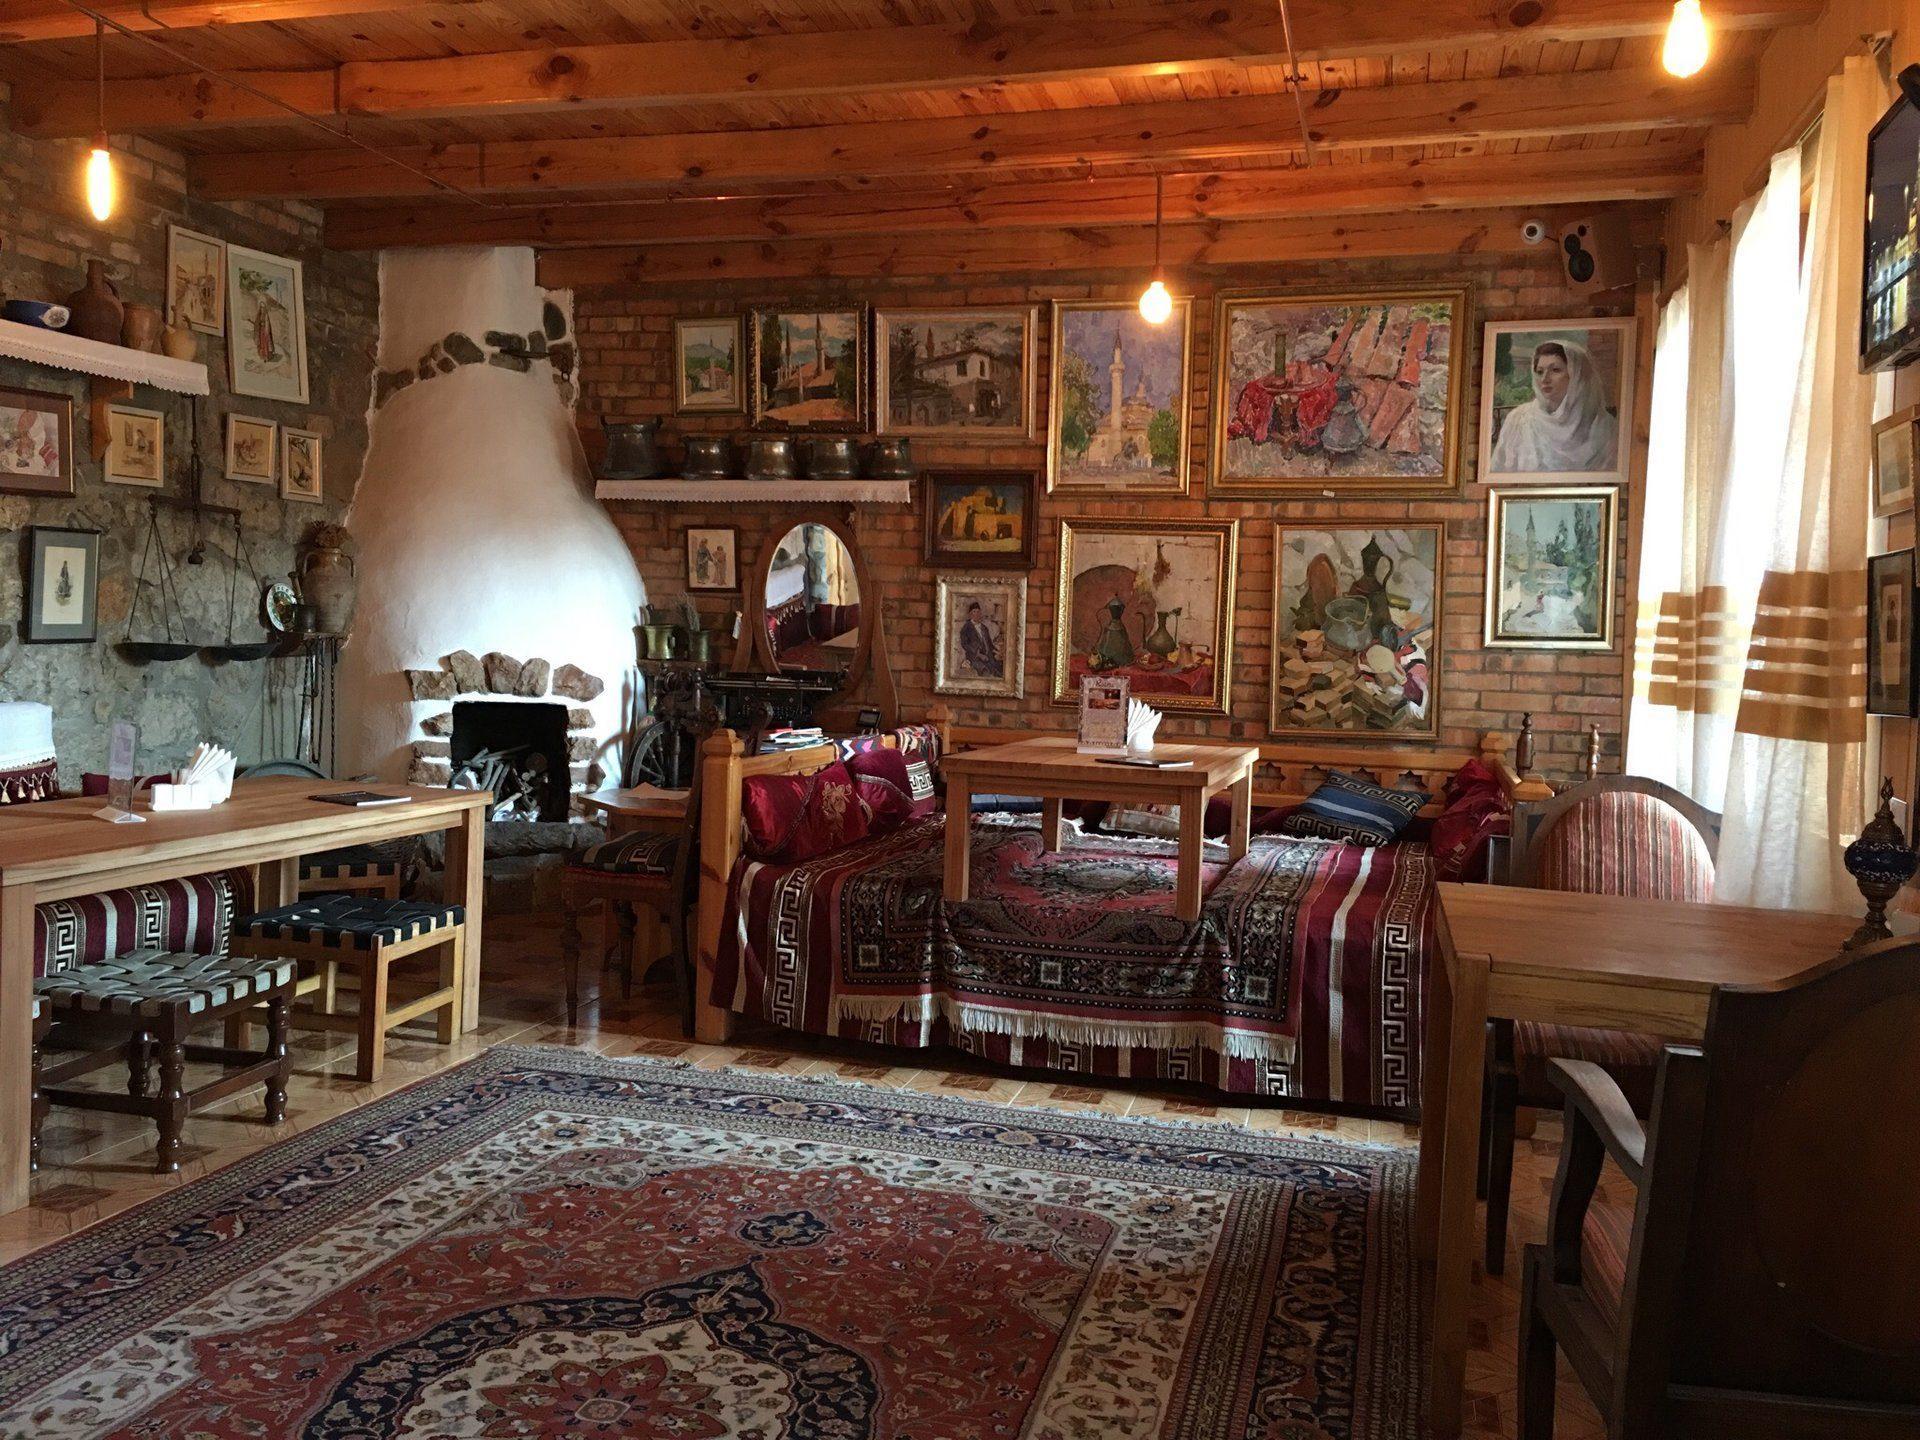 Кафе «Roomi» – народная татарская кухня, кафе и оформлено в народном стиле (адрес: Р. Люксембург-30).